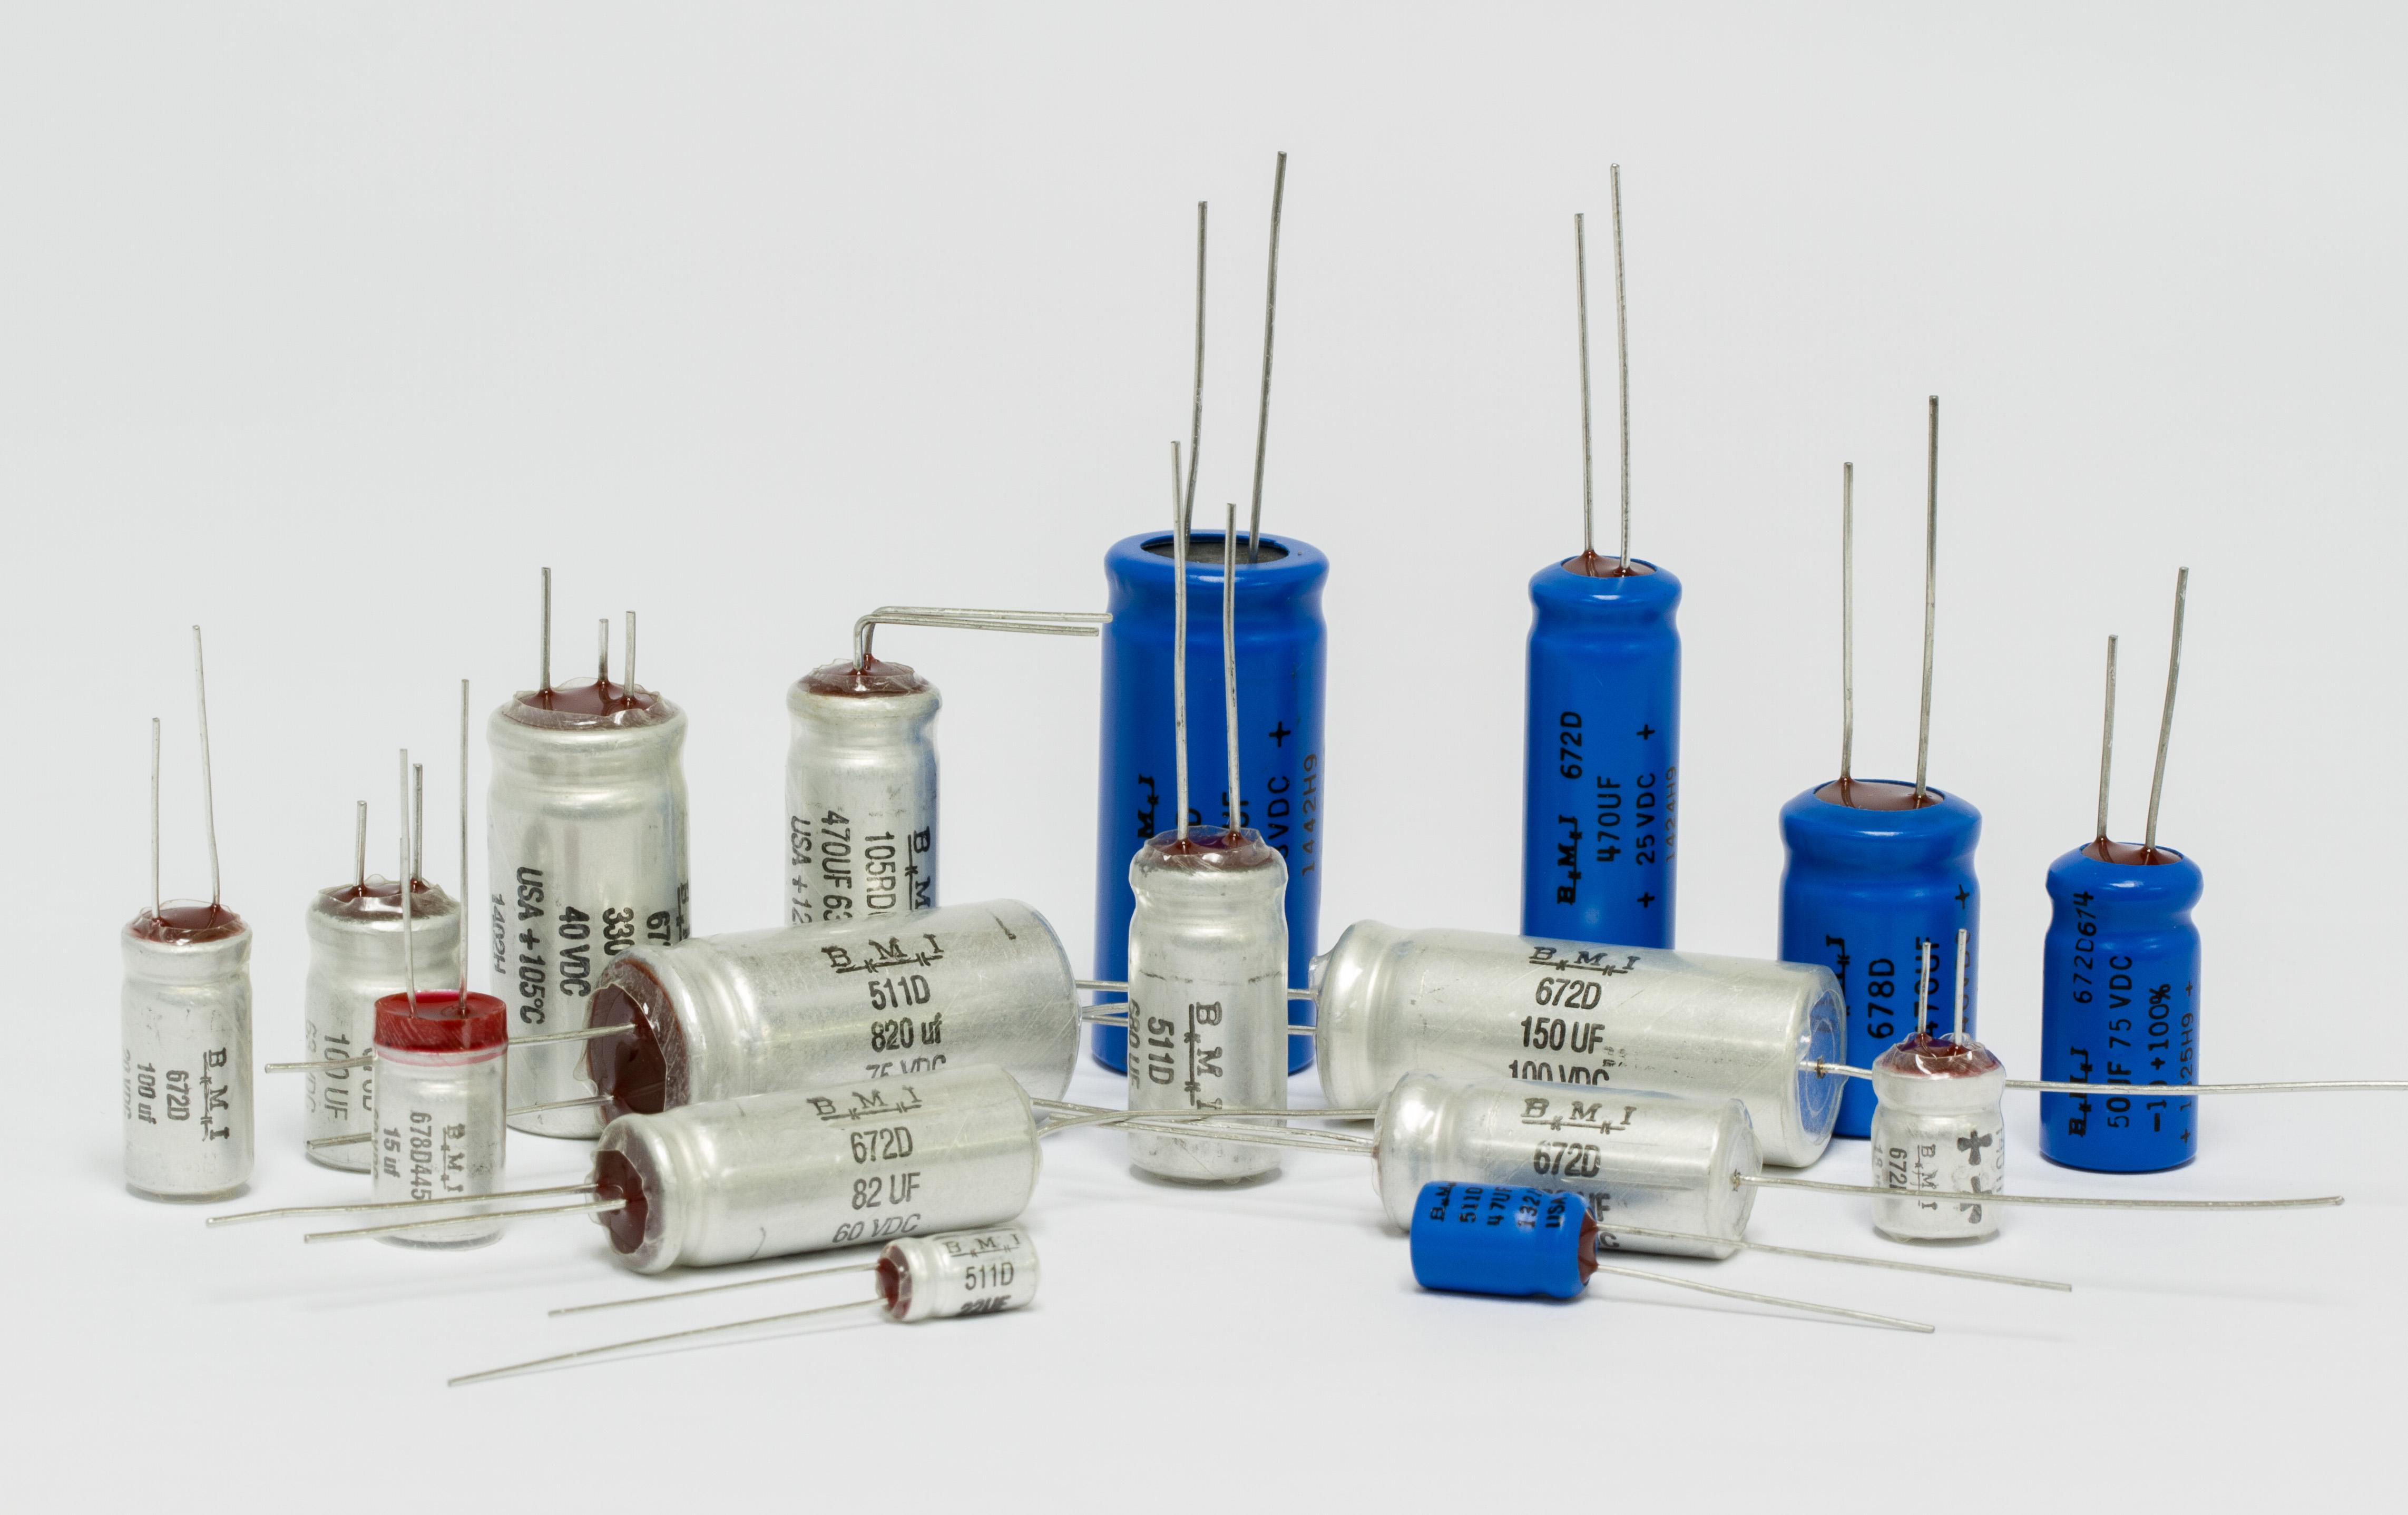 Barker Microfarads Capacitor Manufacturer Dc Capacitors In Circuits Mini Radial